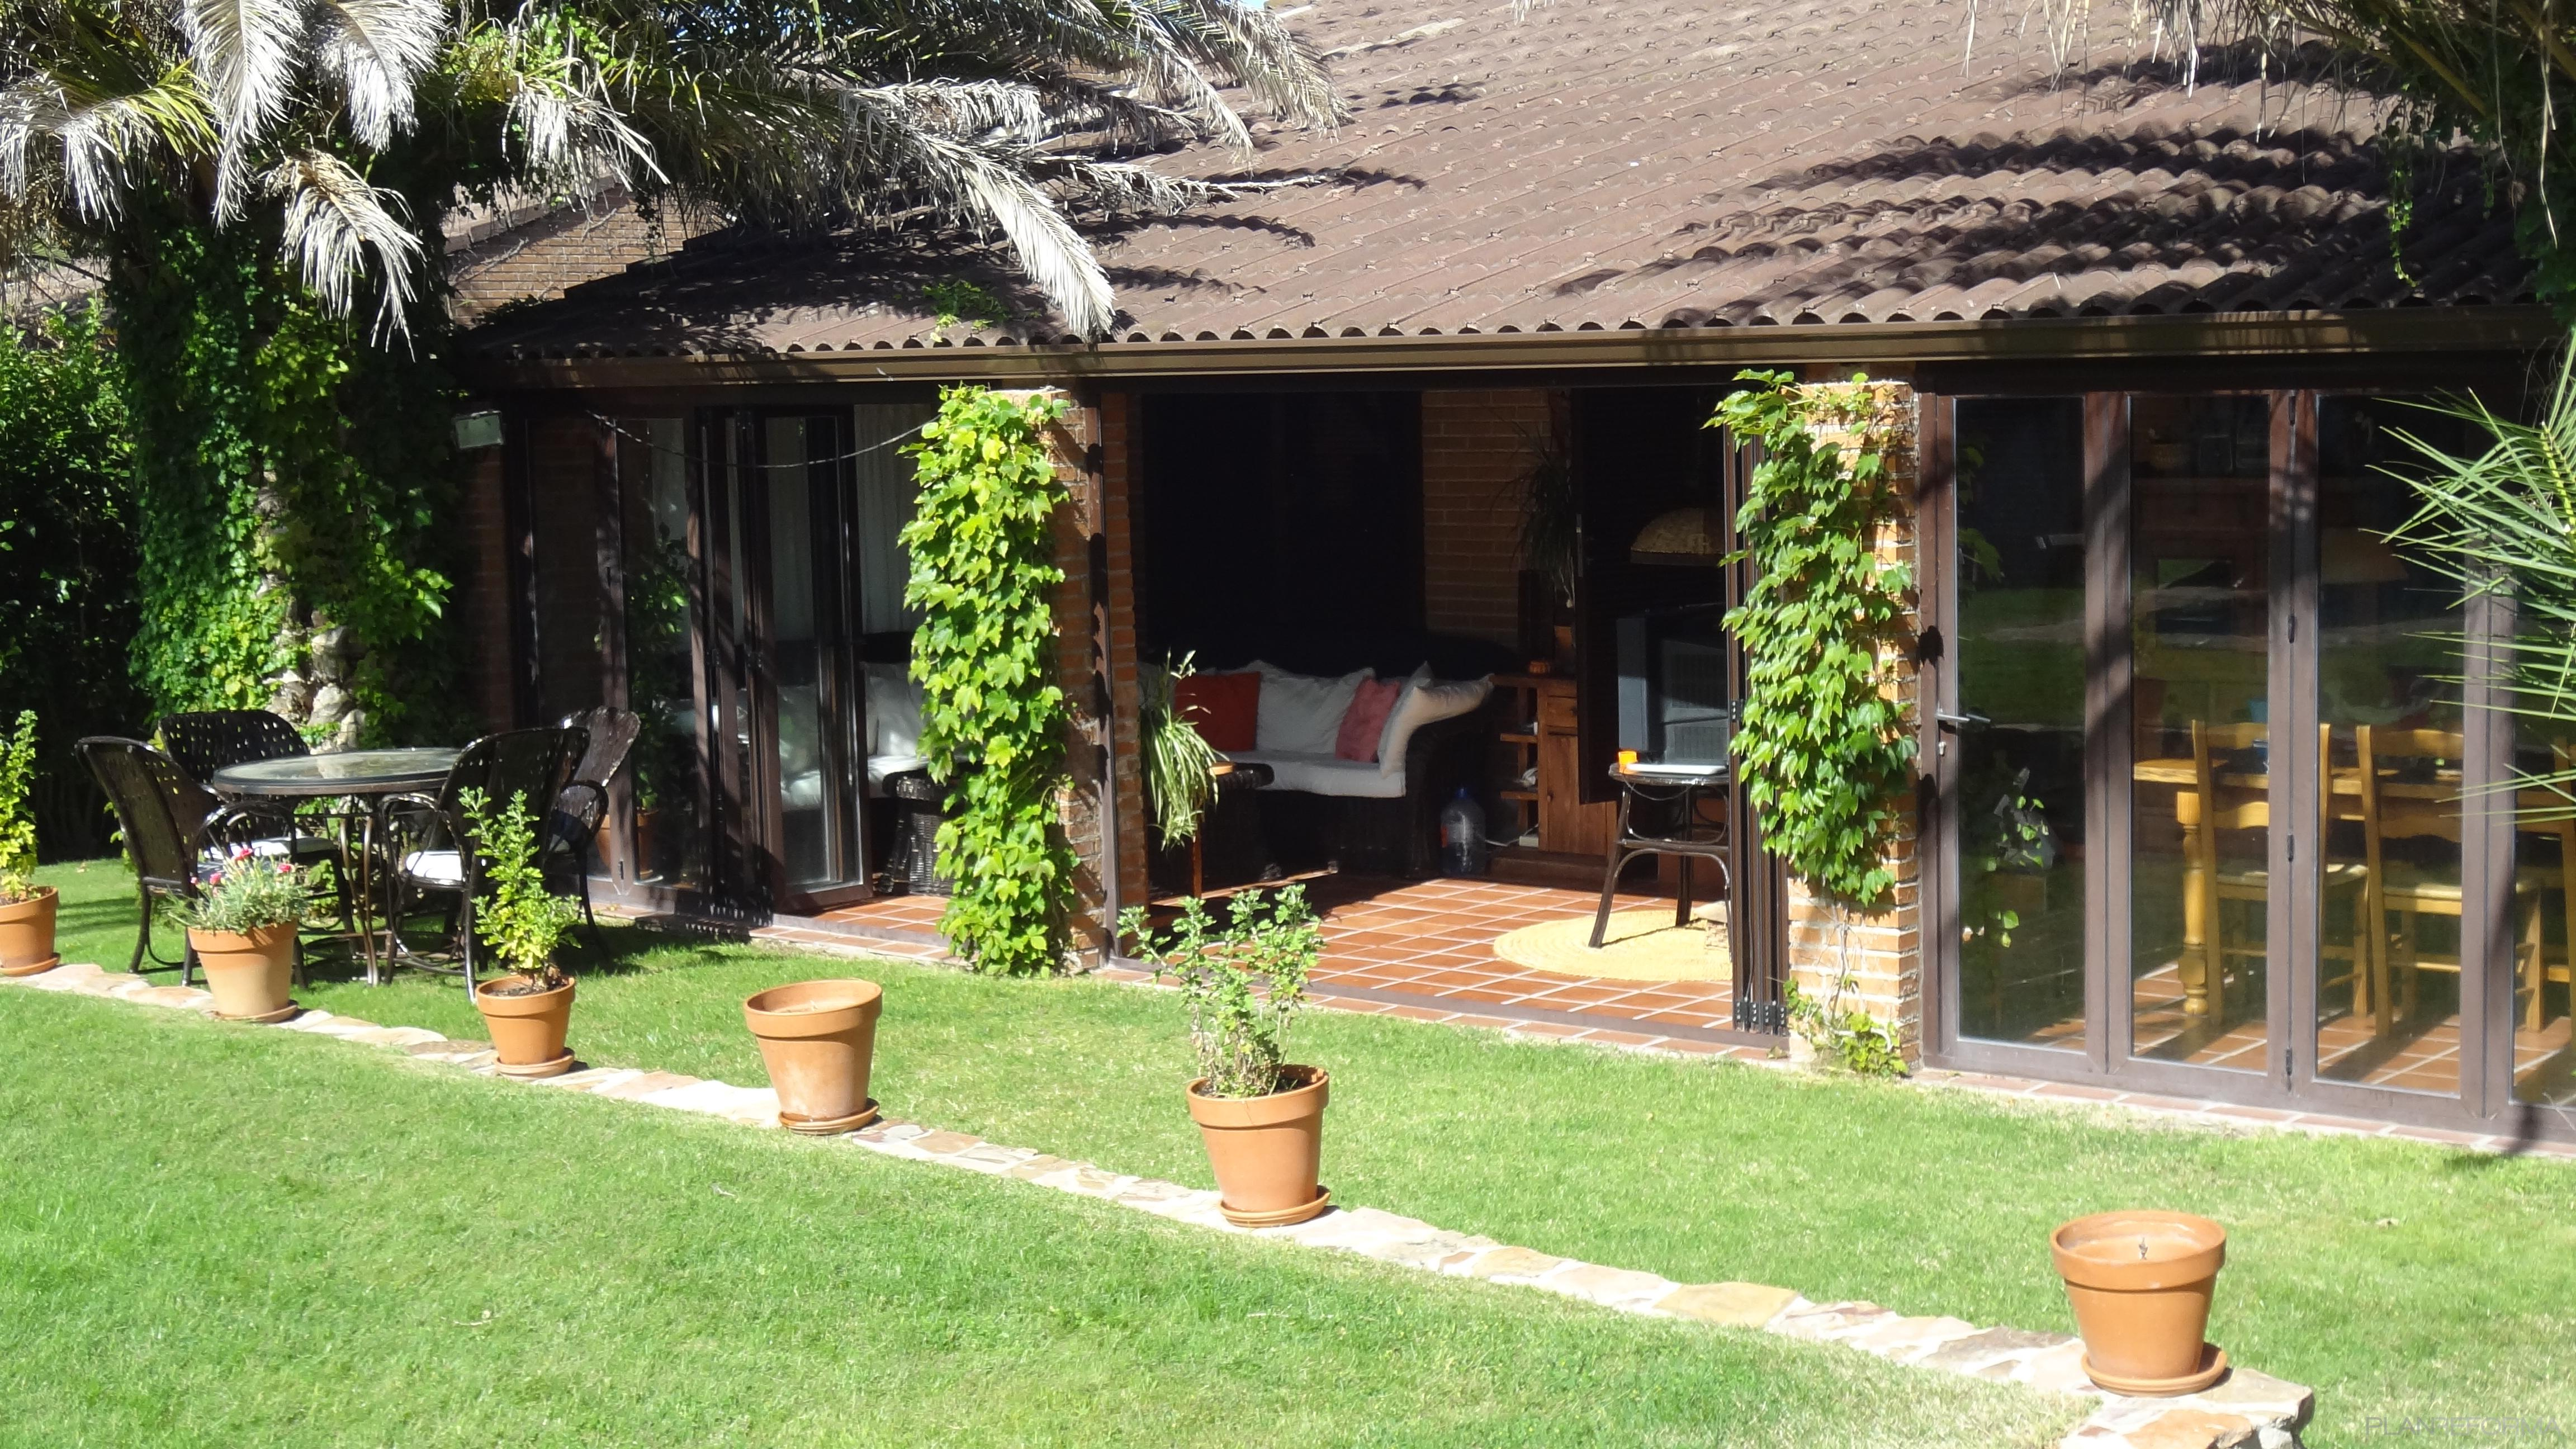 Porche jardin estilo mediterraneo color verde marron - Porches para jardin ...